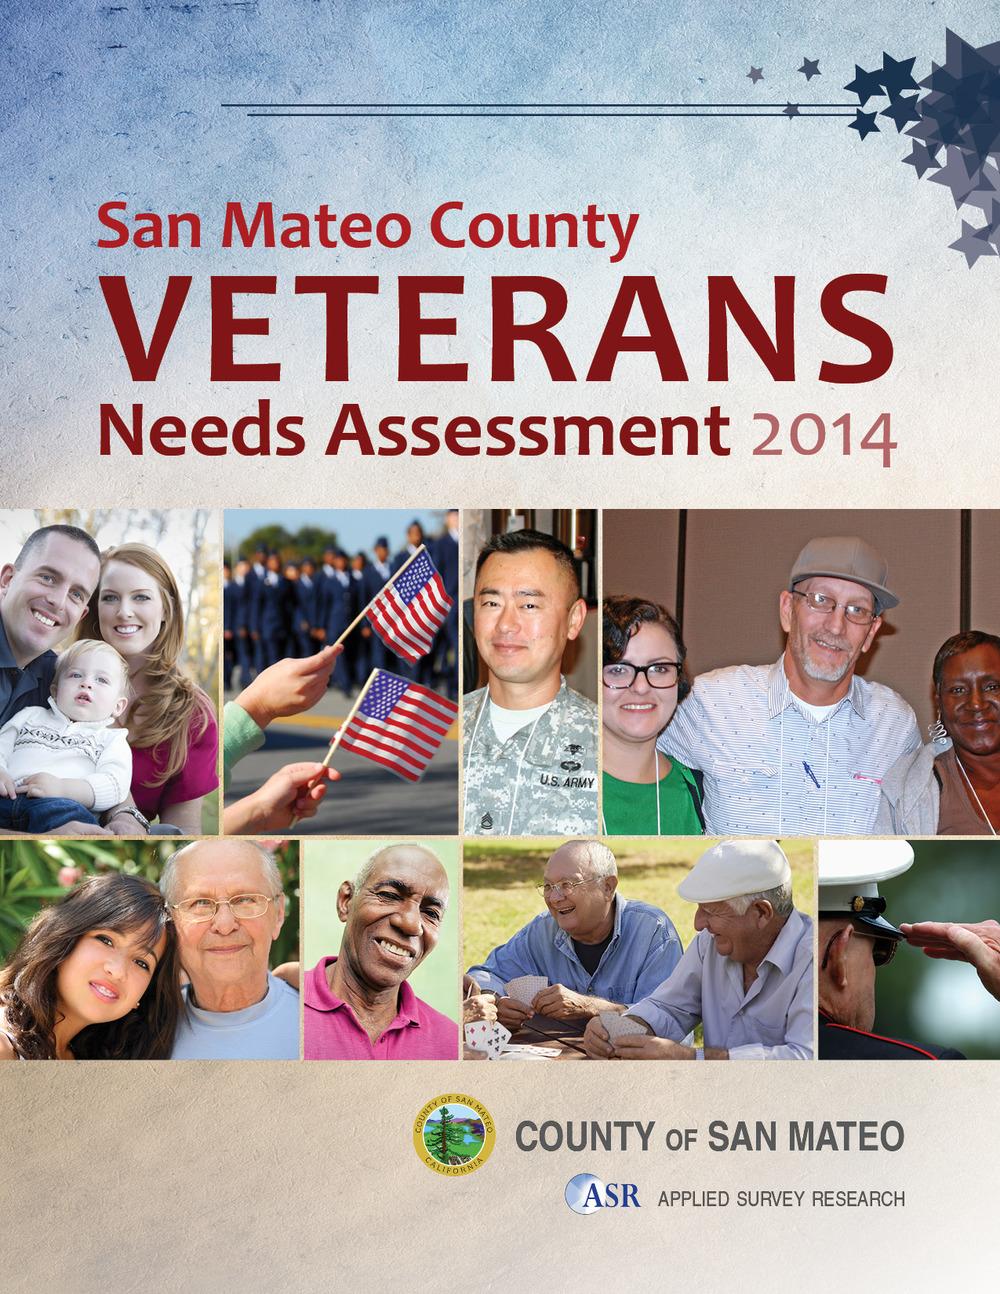 San Mateo County Veterans Needs Assessment